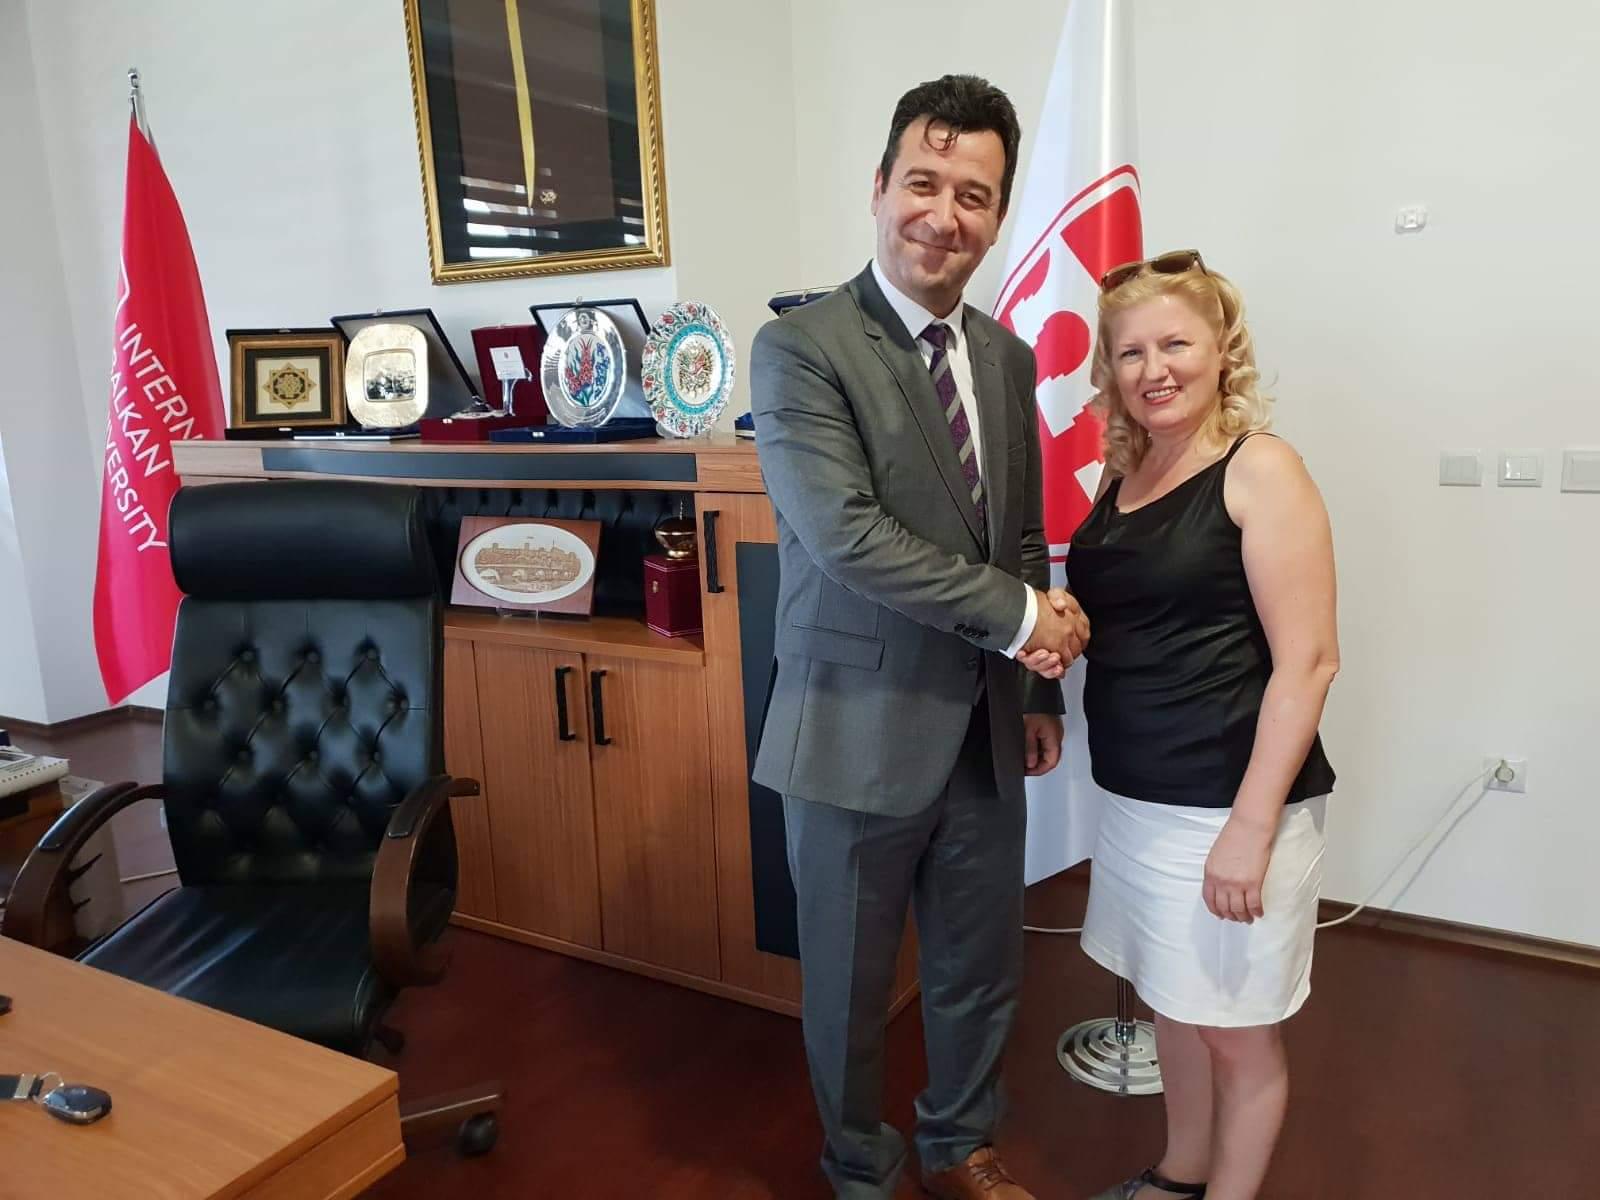 Balkan üniversitesi temsilcilik bayrağı Kıymet Kara'da